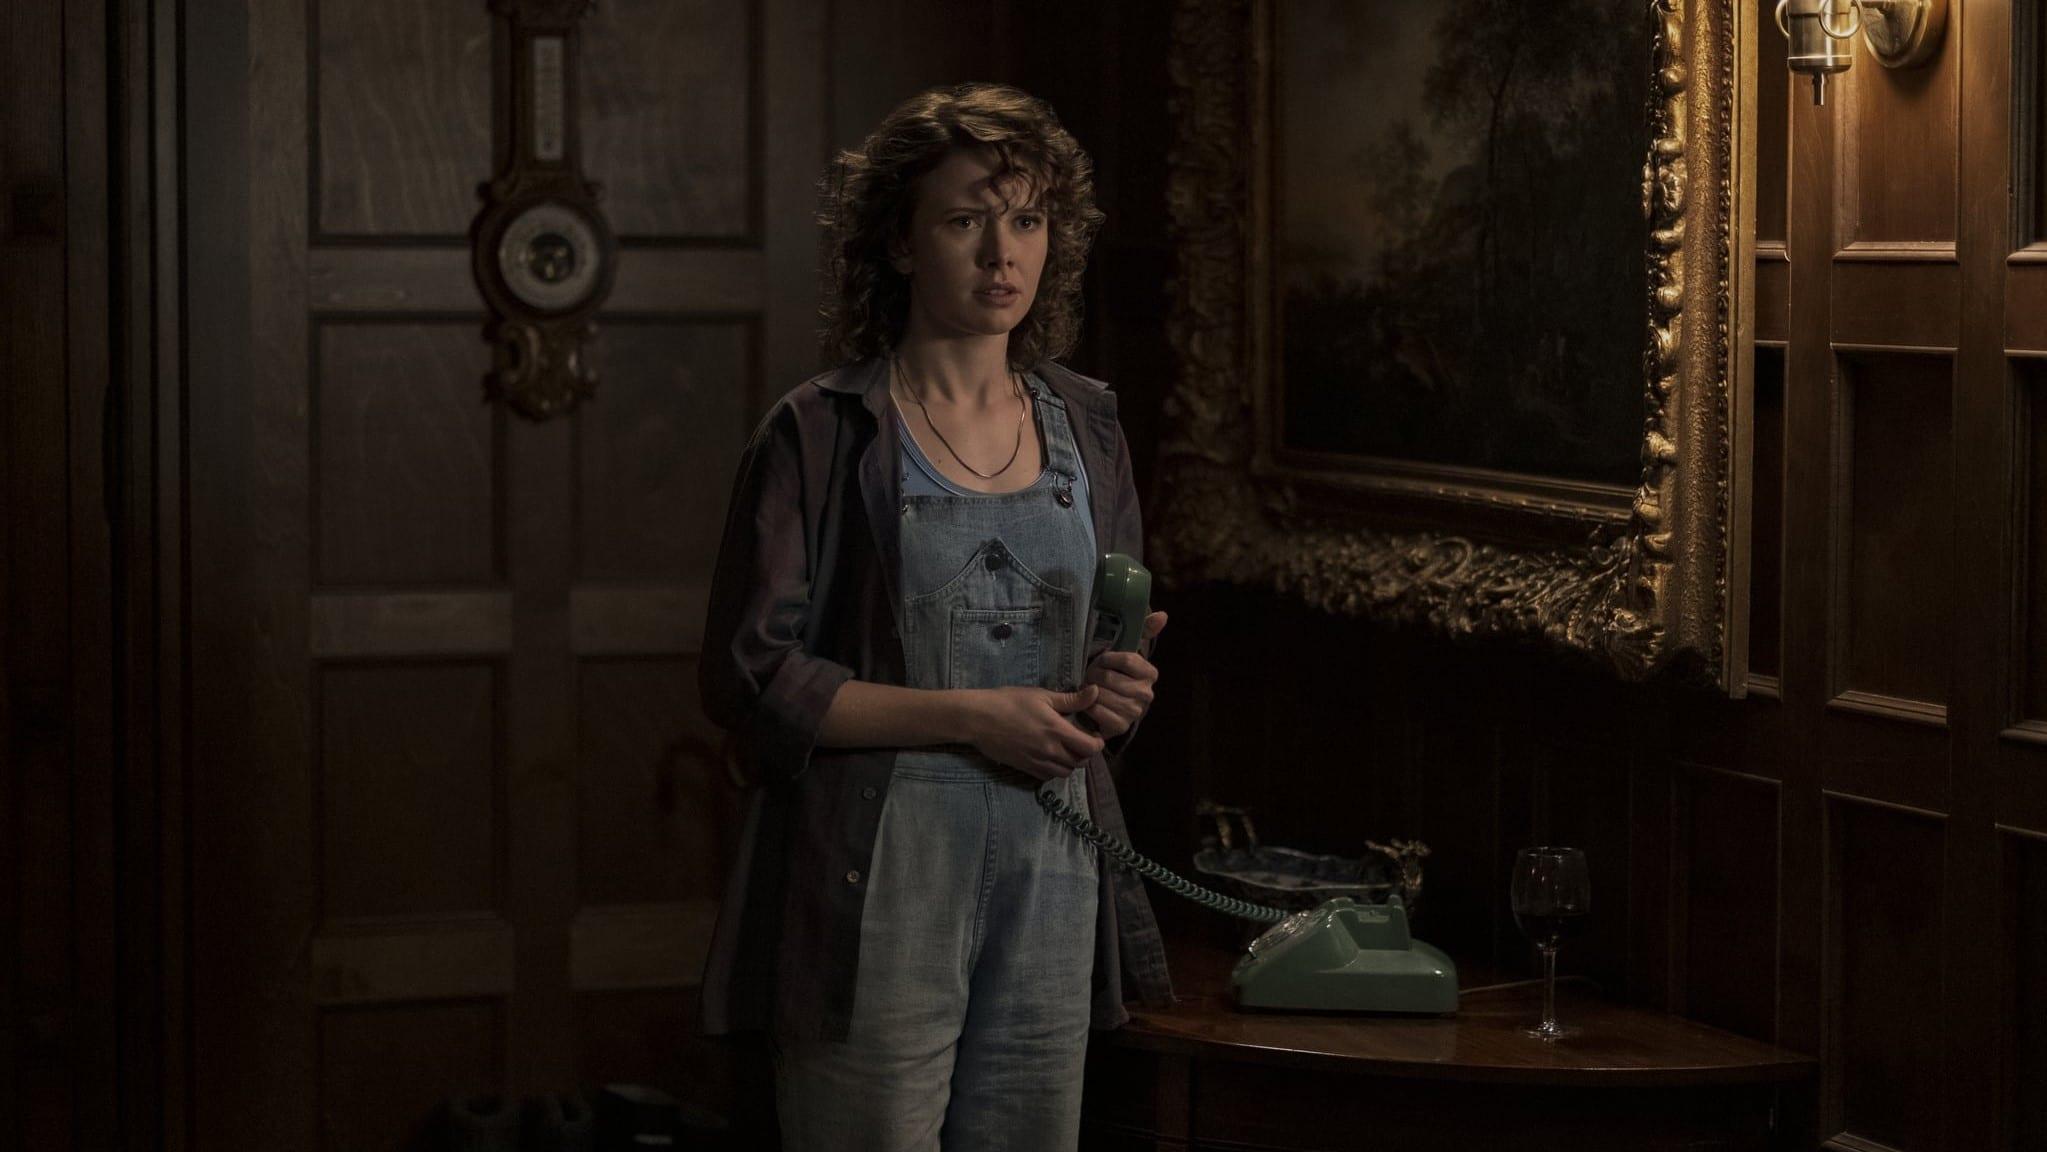 Jamie (Amelia Eve) staat gespannen in de huiskamer van Bly Manor, met de hoorn van de telefoon in haar hand.